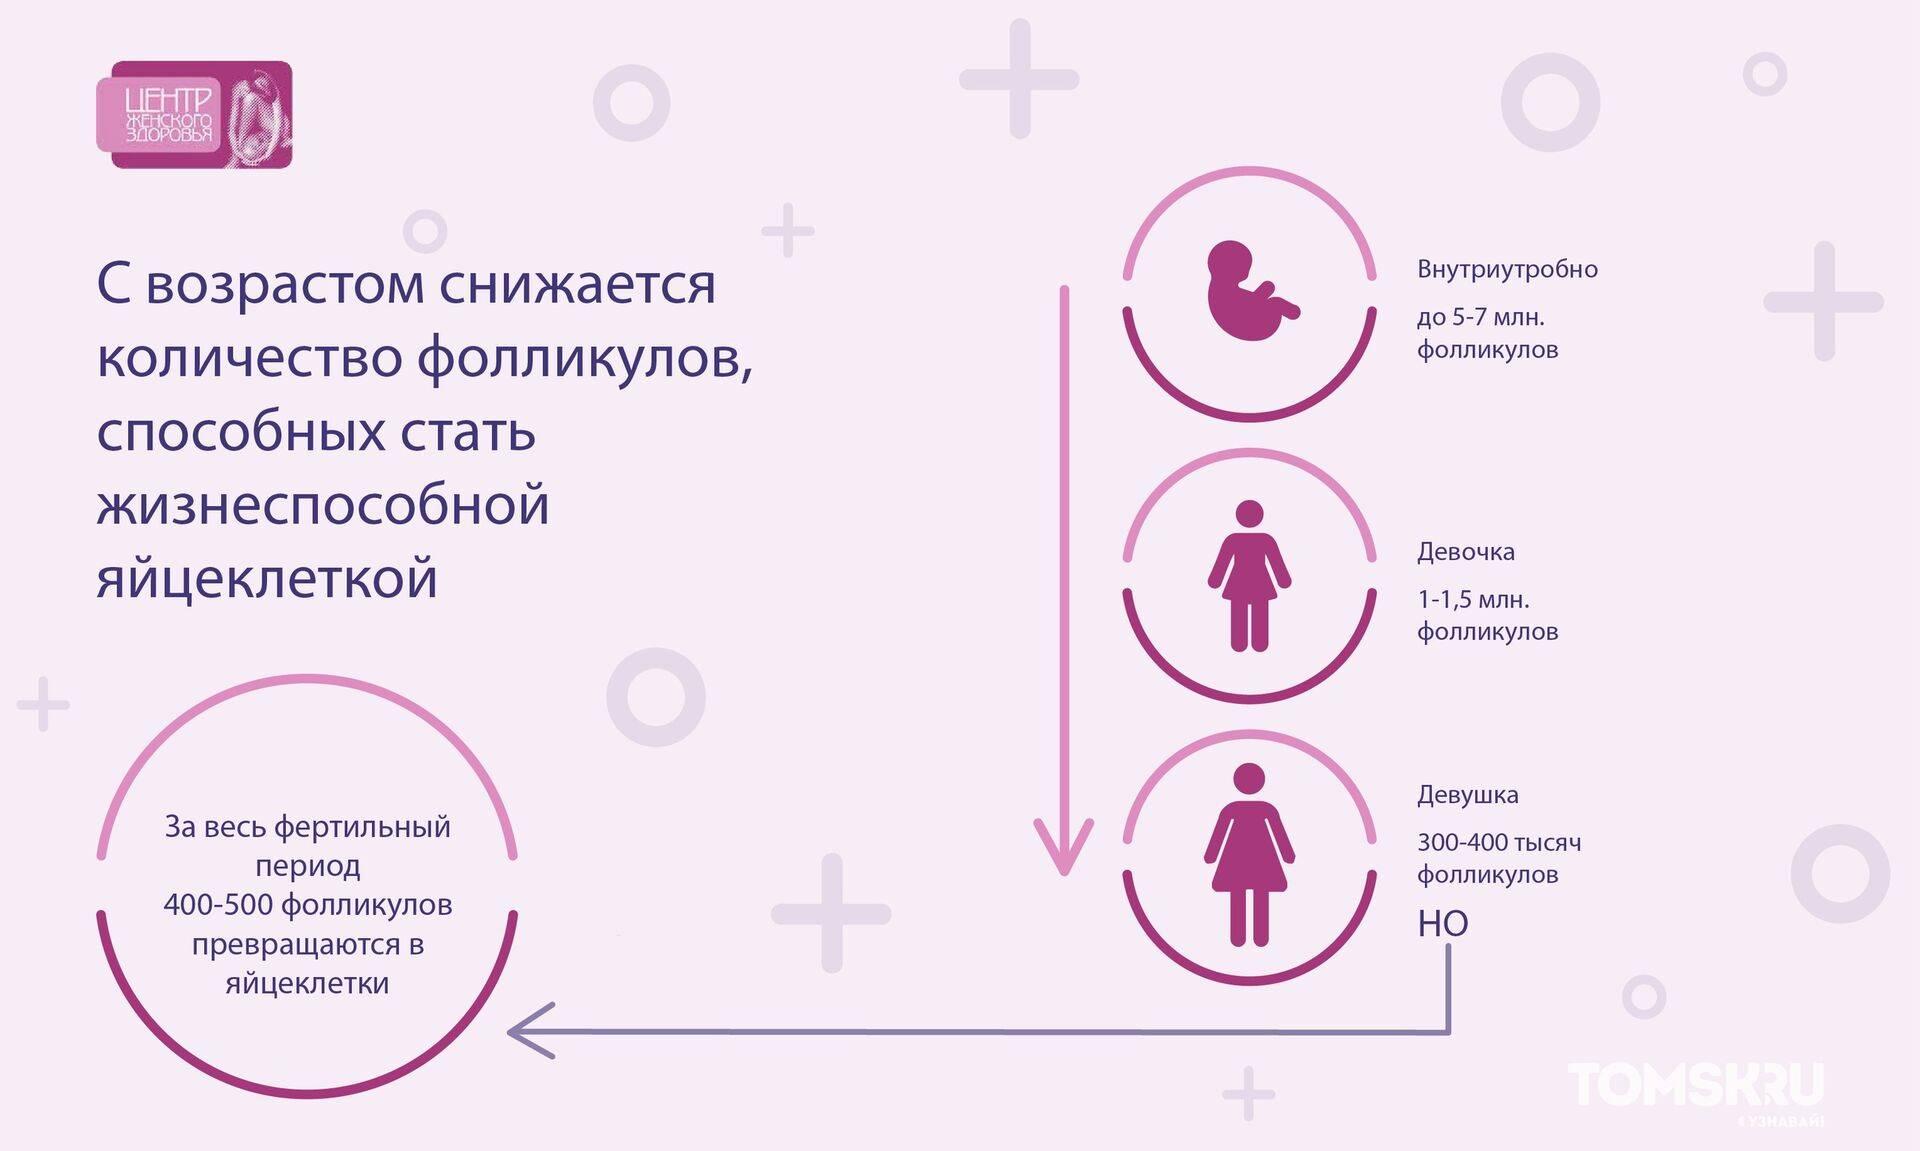 Криоперенос по квоте омс 2021, список анализов, документы по переносу эмбрионов по омс| центр репродукции «линия жизни»